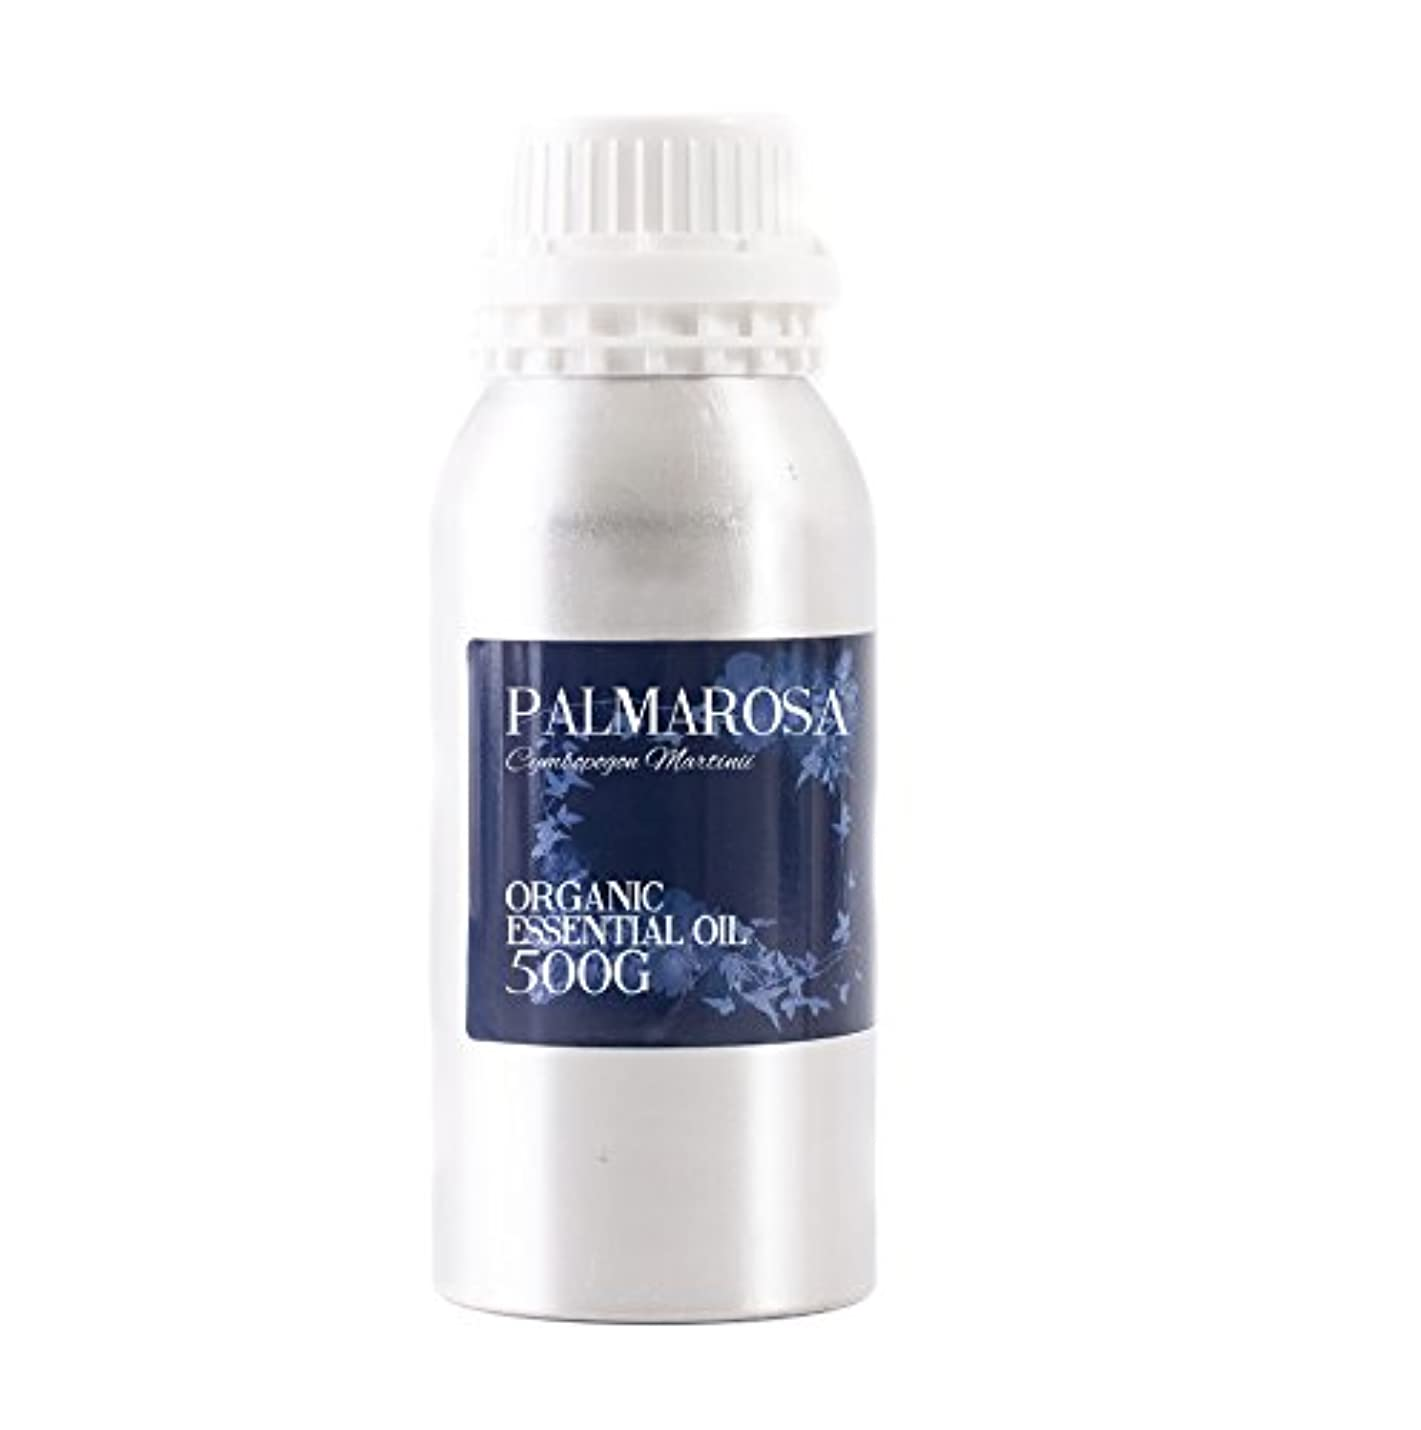 疾患日技術的なMystic Moments   Palmarosa Organic Essential Oil - 500g - 100% Pure